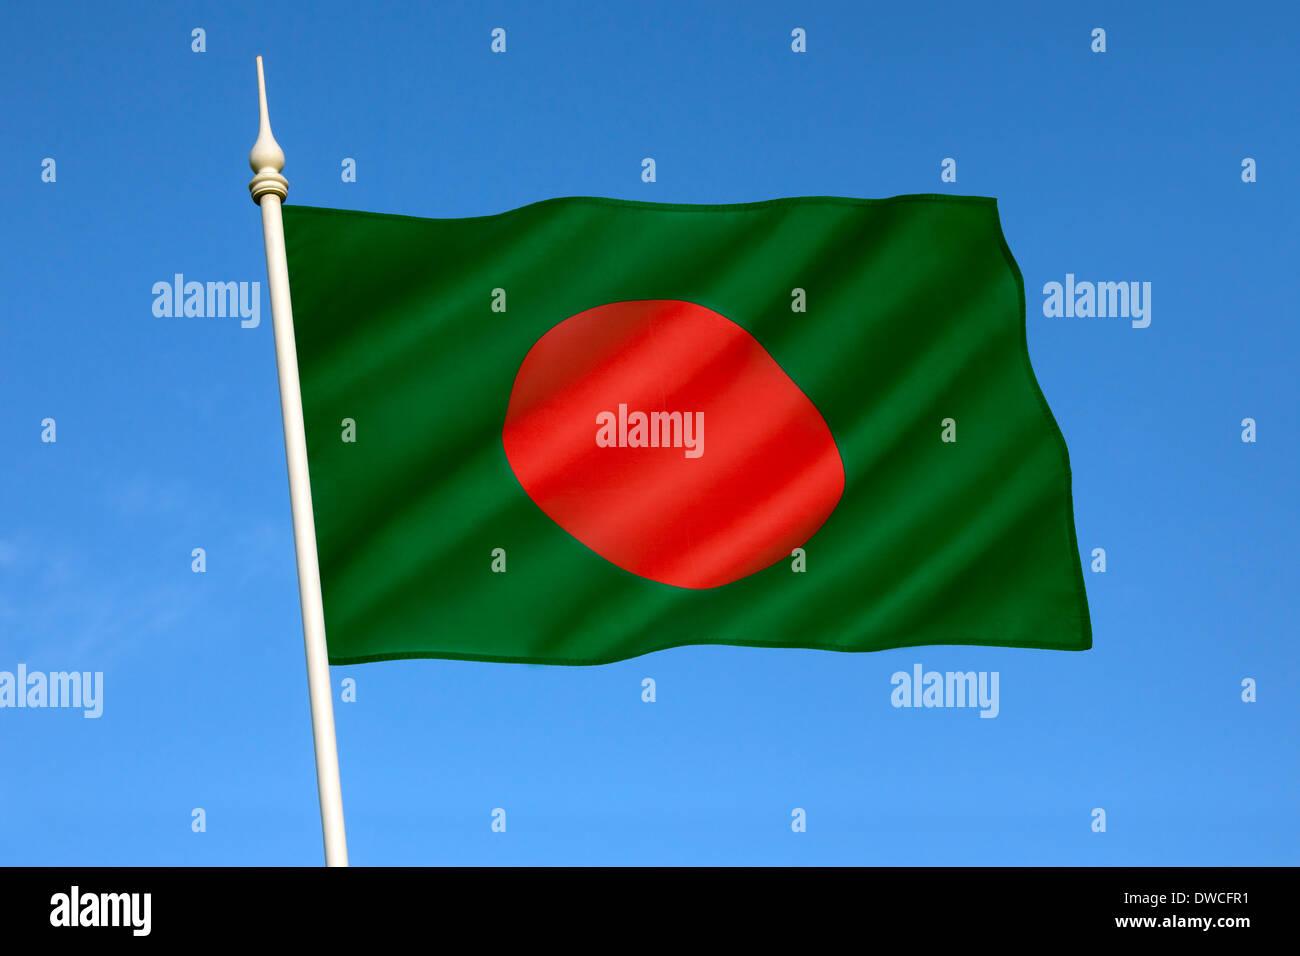 Flag of Bangladesh - Stock Image